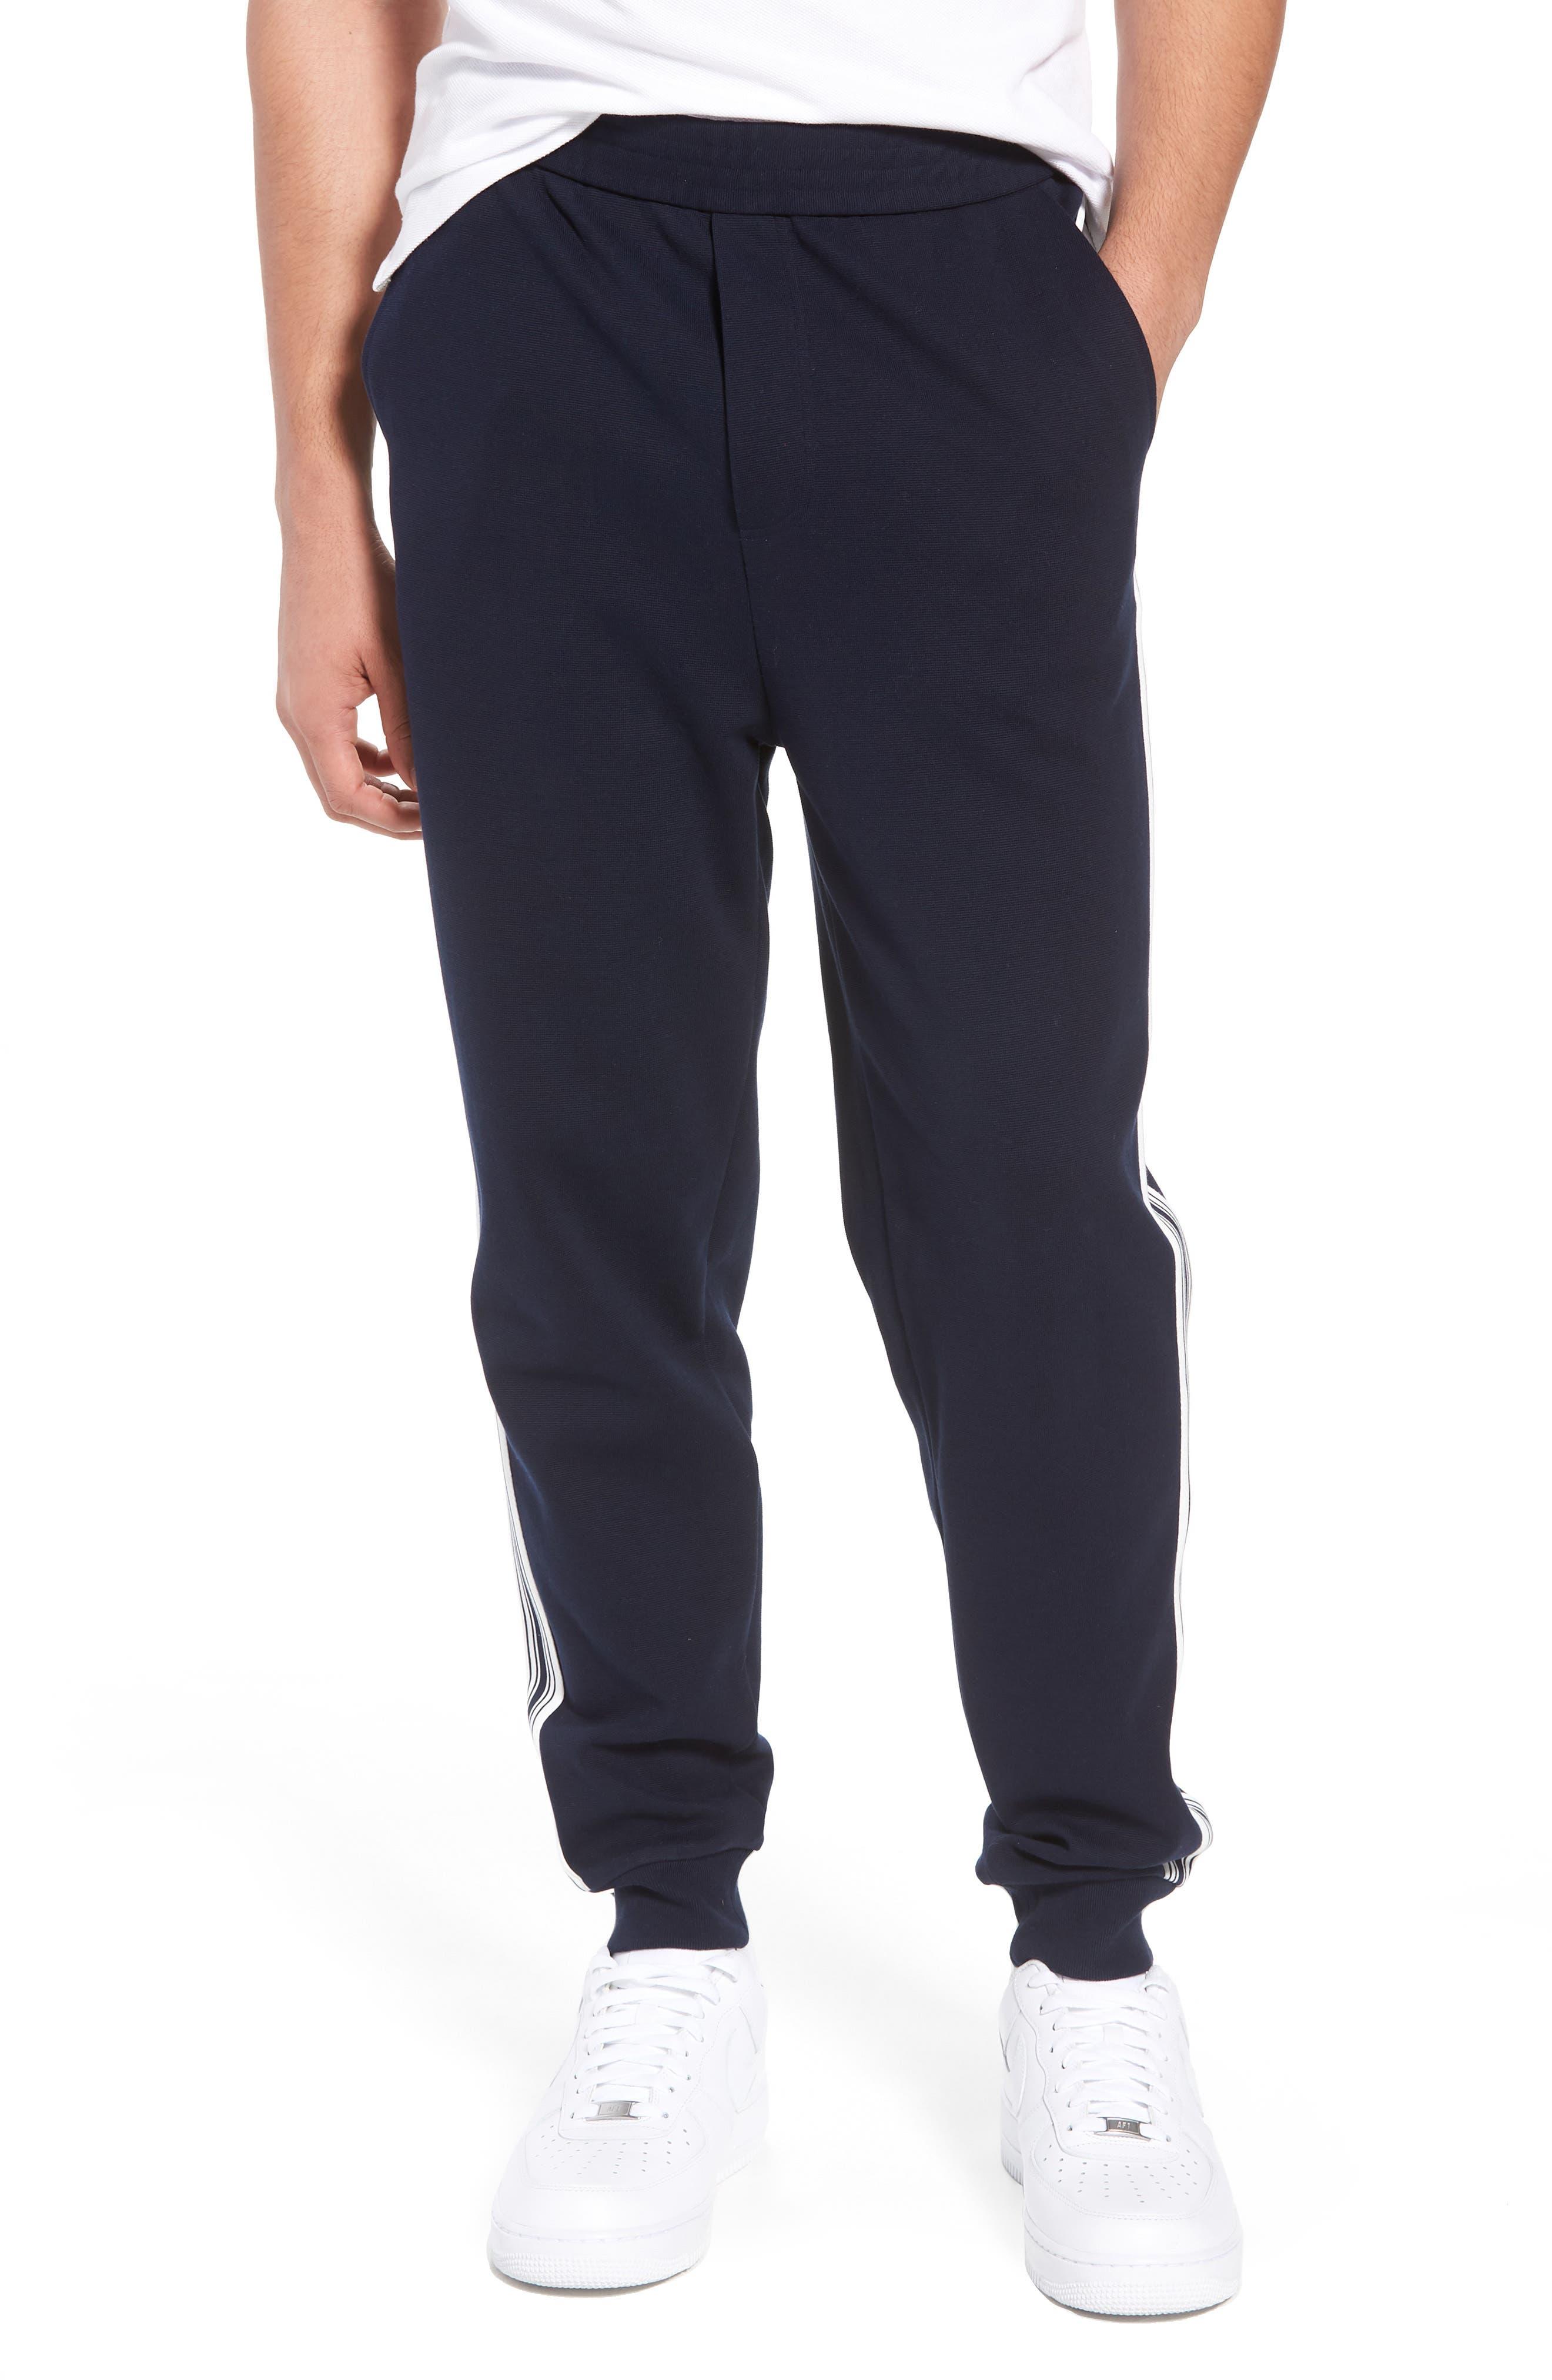 Milano Jogger Pants,                         Main,                         color, Navy Blue